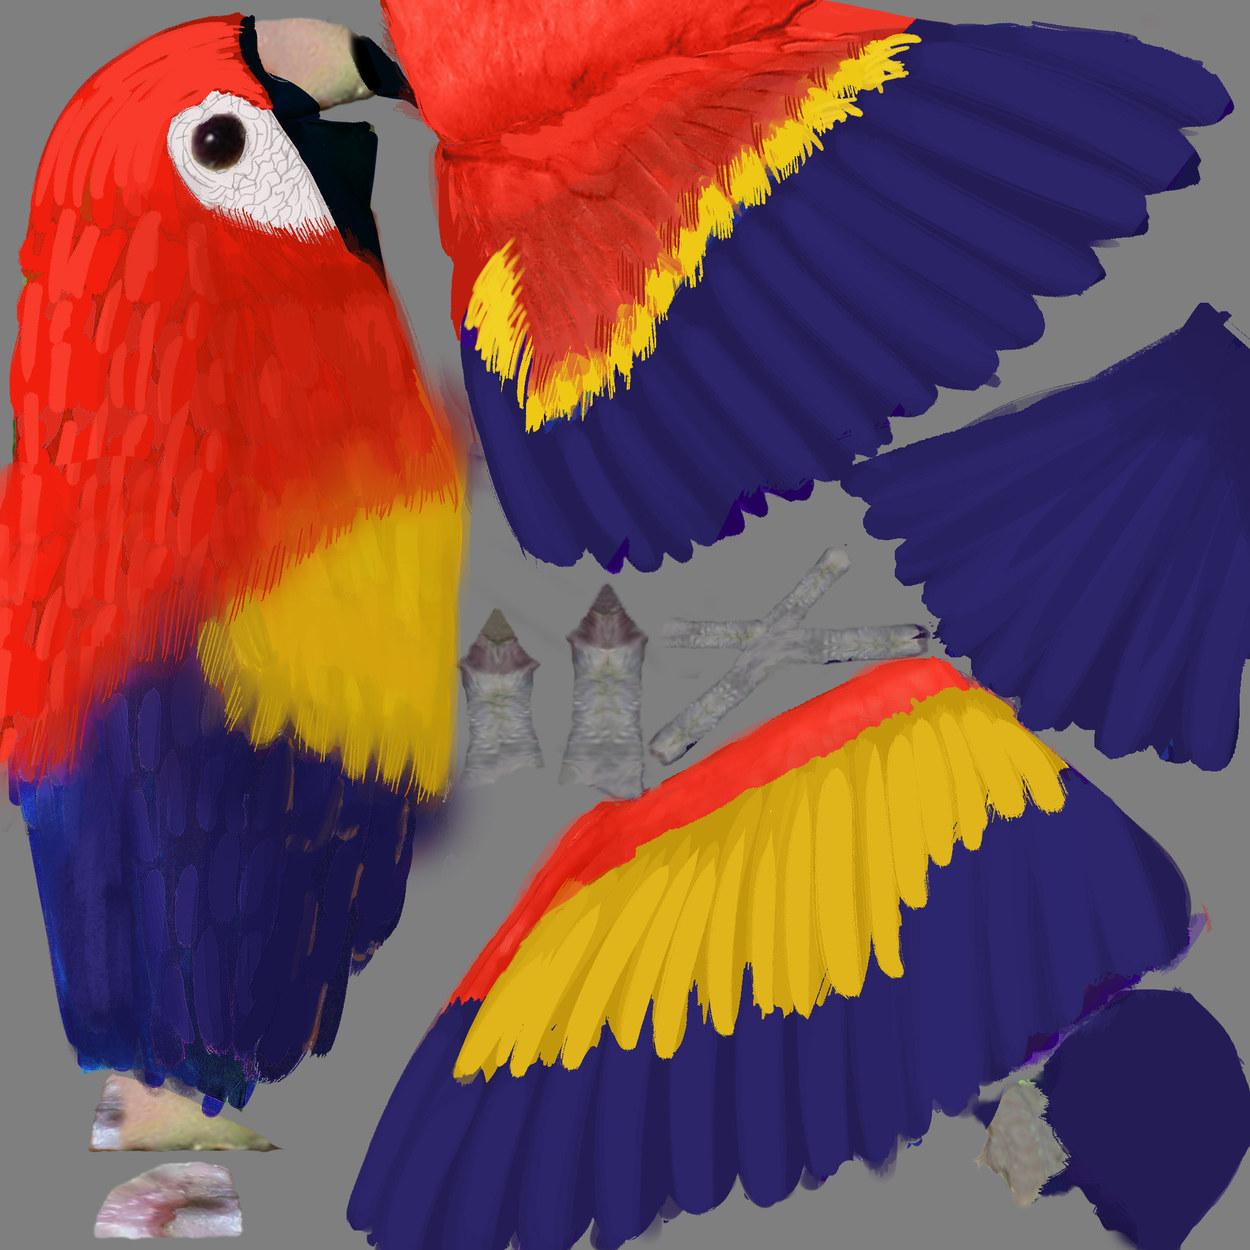 Parrot Texture